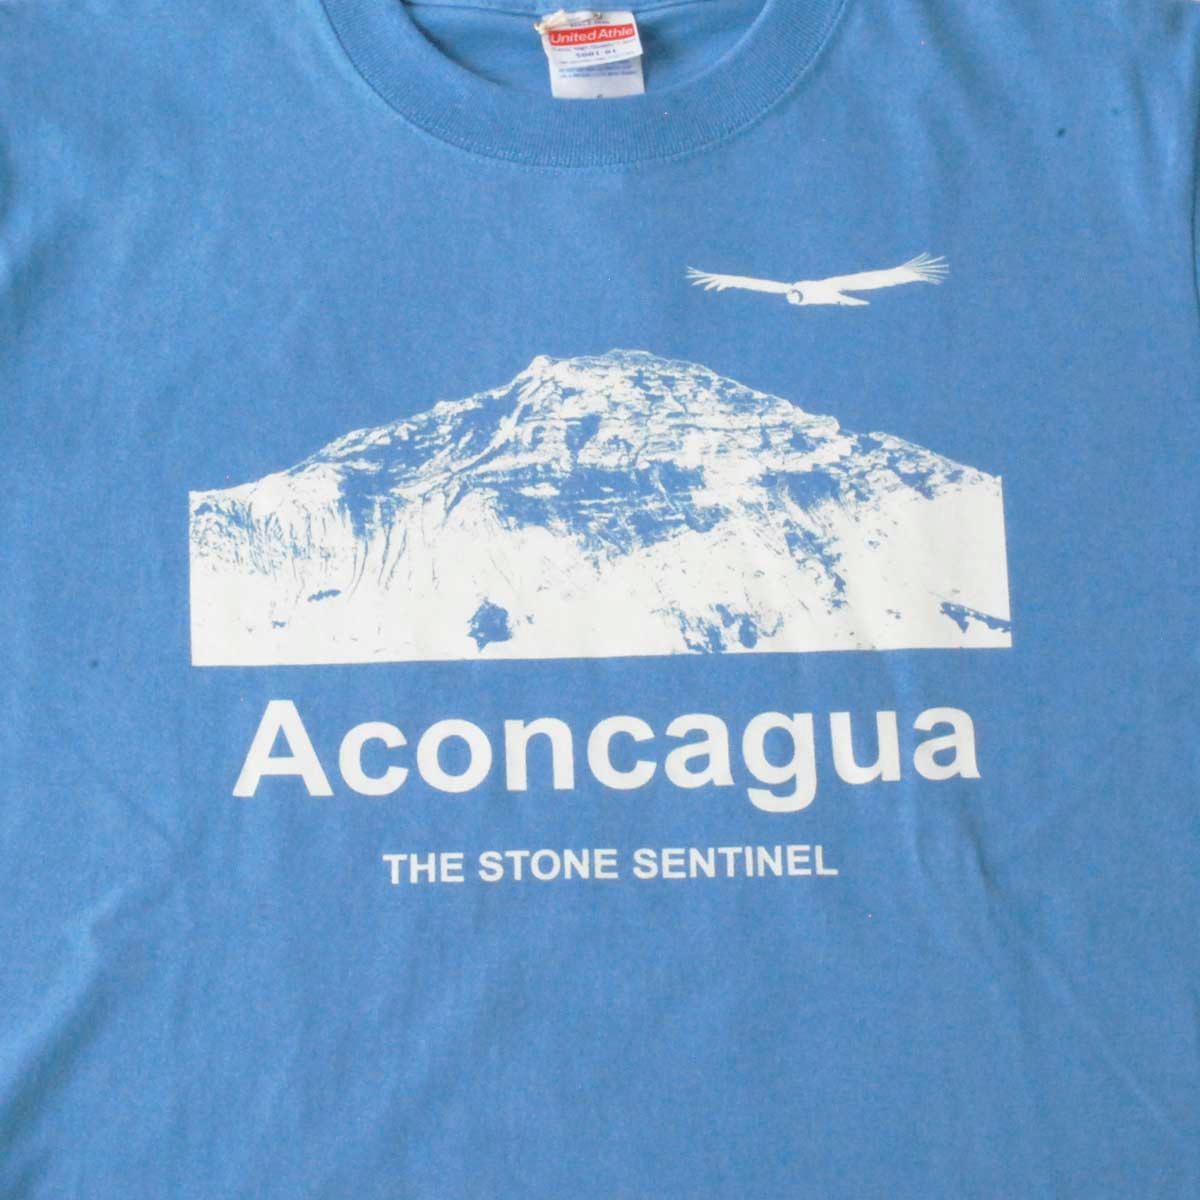 半袖Tシャツ コットン100% 山のプリント 5.6oz アコンカグア